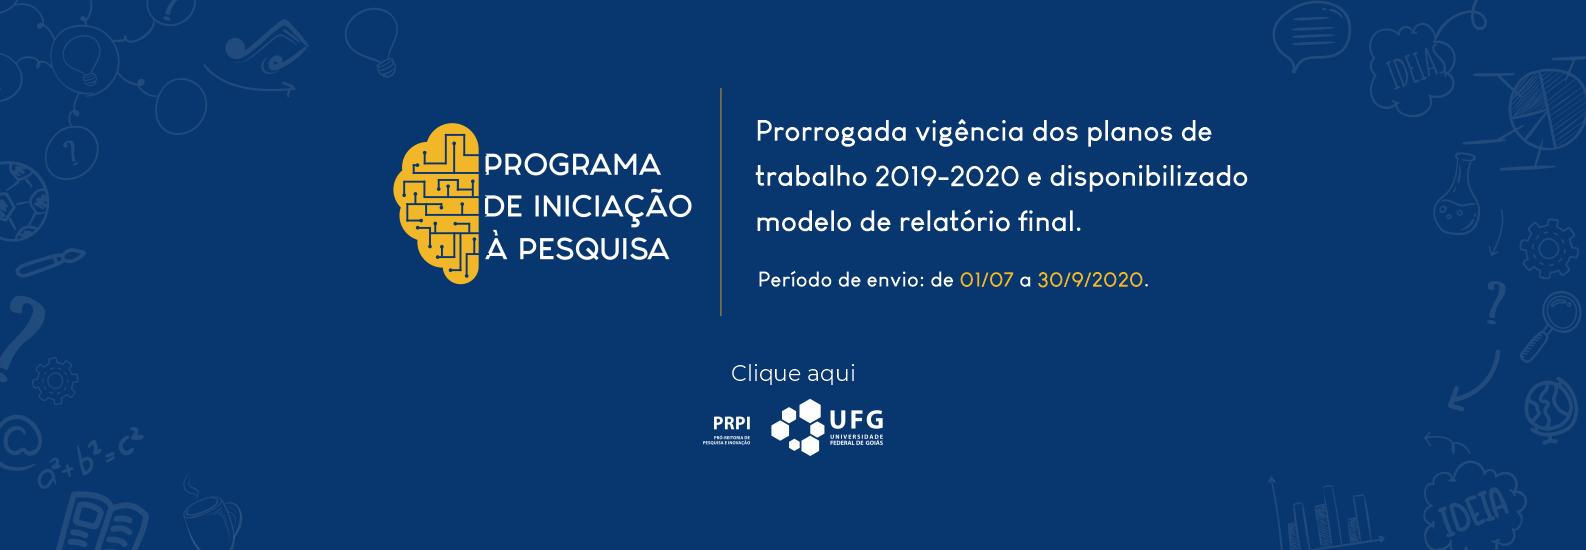 Vigência de planos de trabalho e relatório final PIP 2019-2020